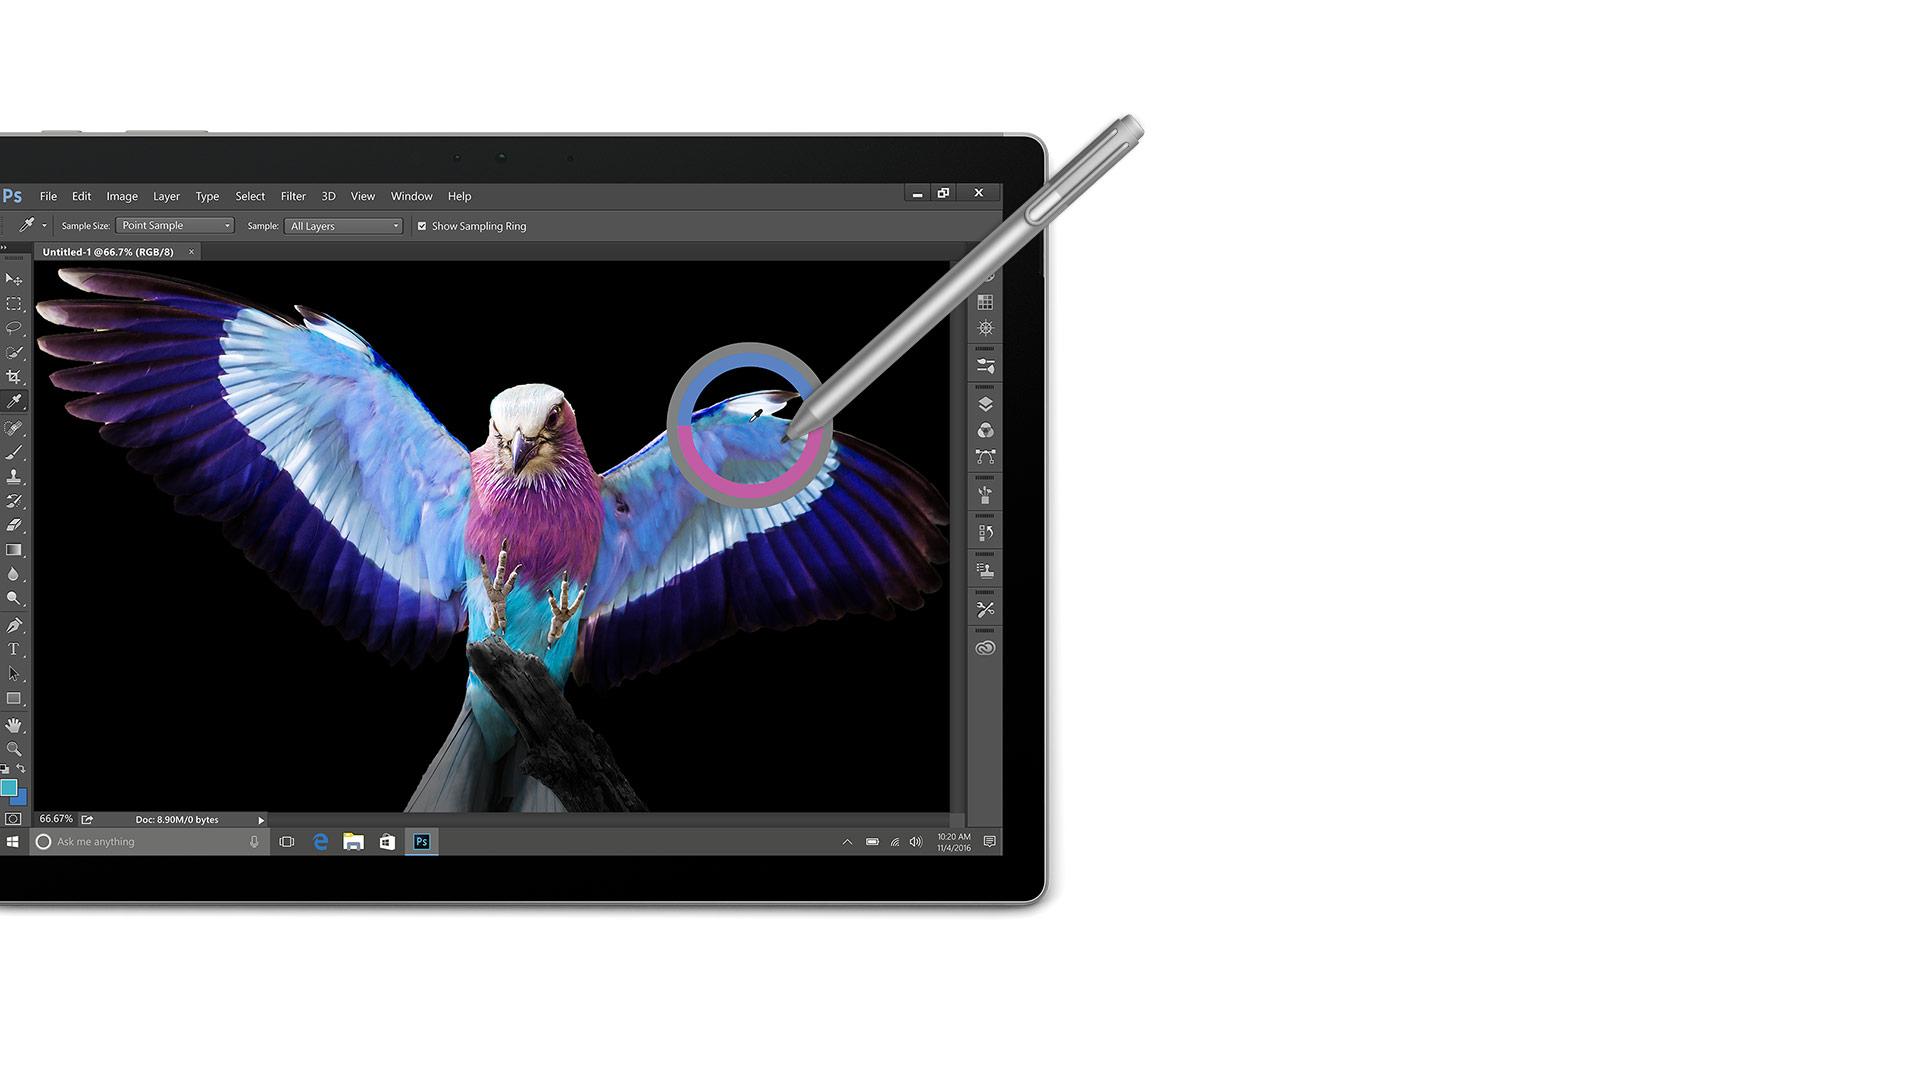 Surface Book-Display mit aufgesetztem Stift und eingeblendeter Farbpalette